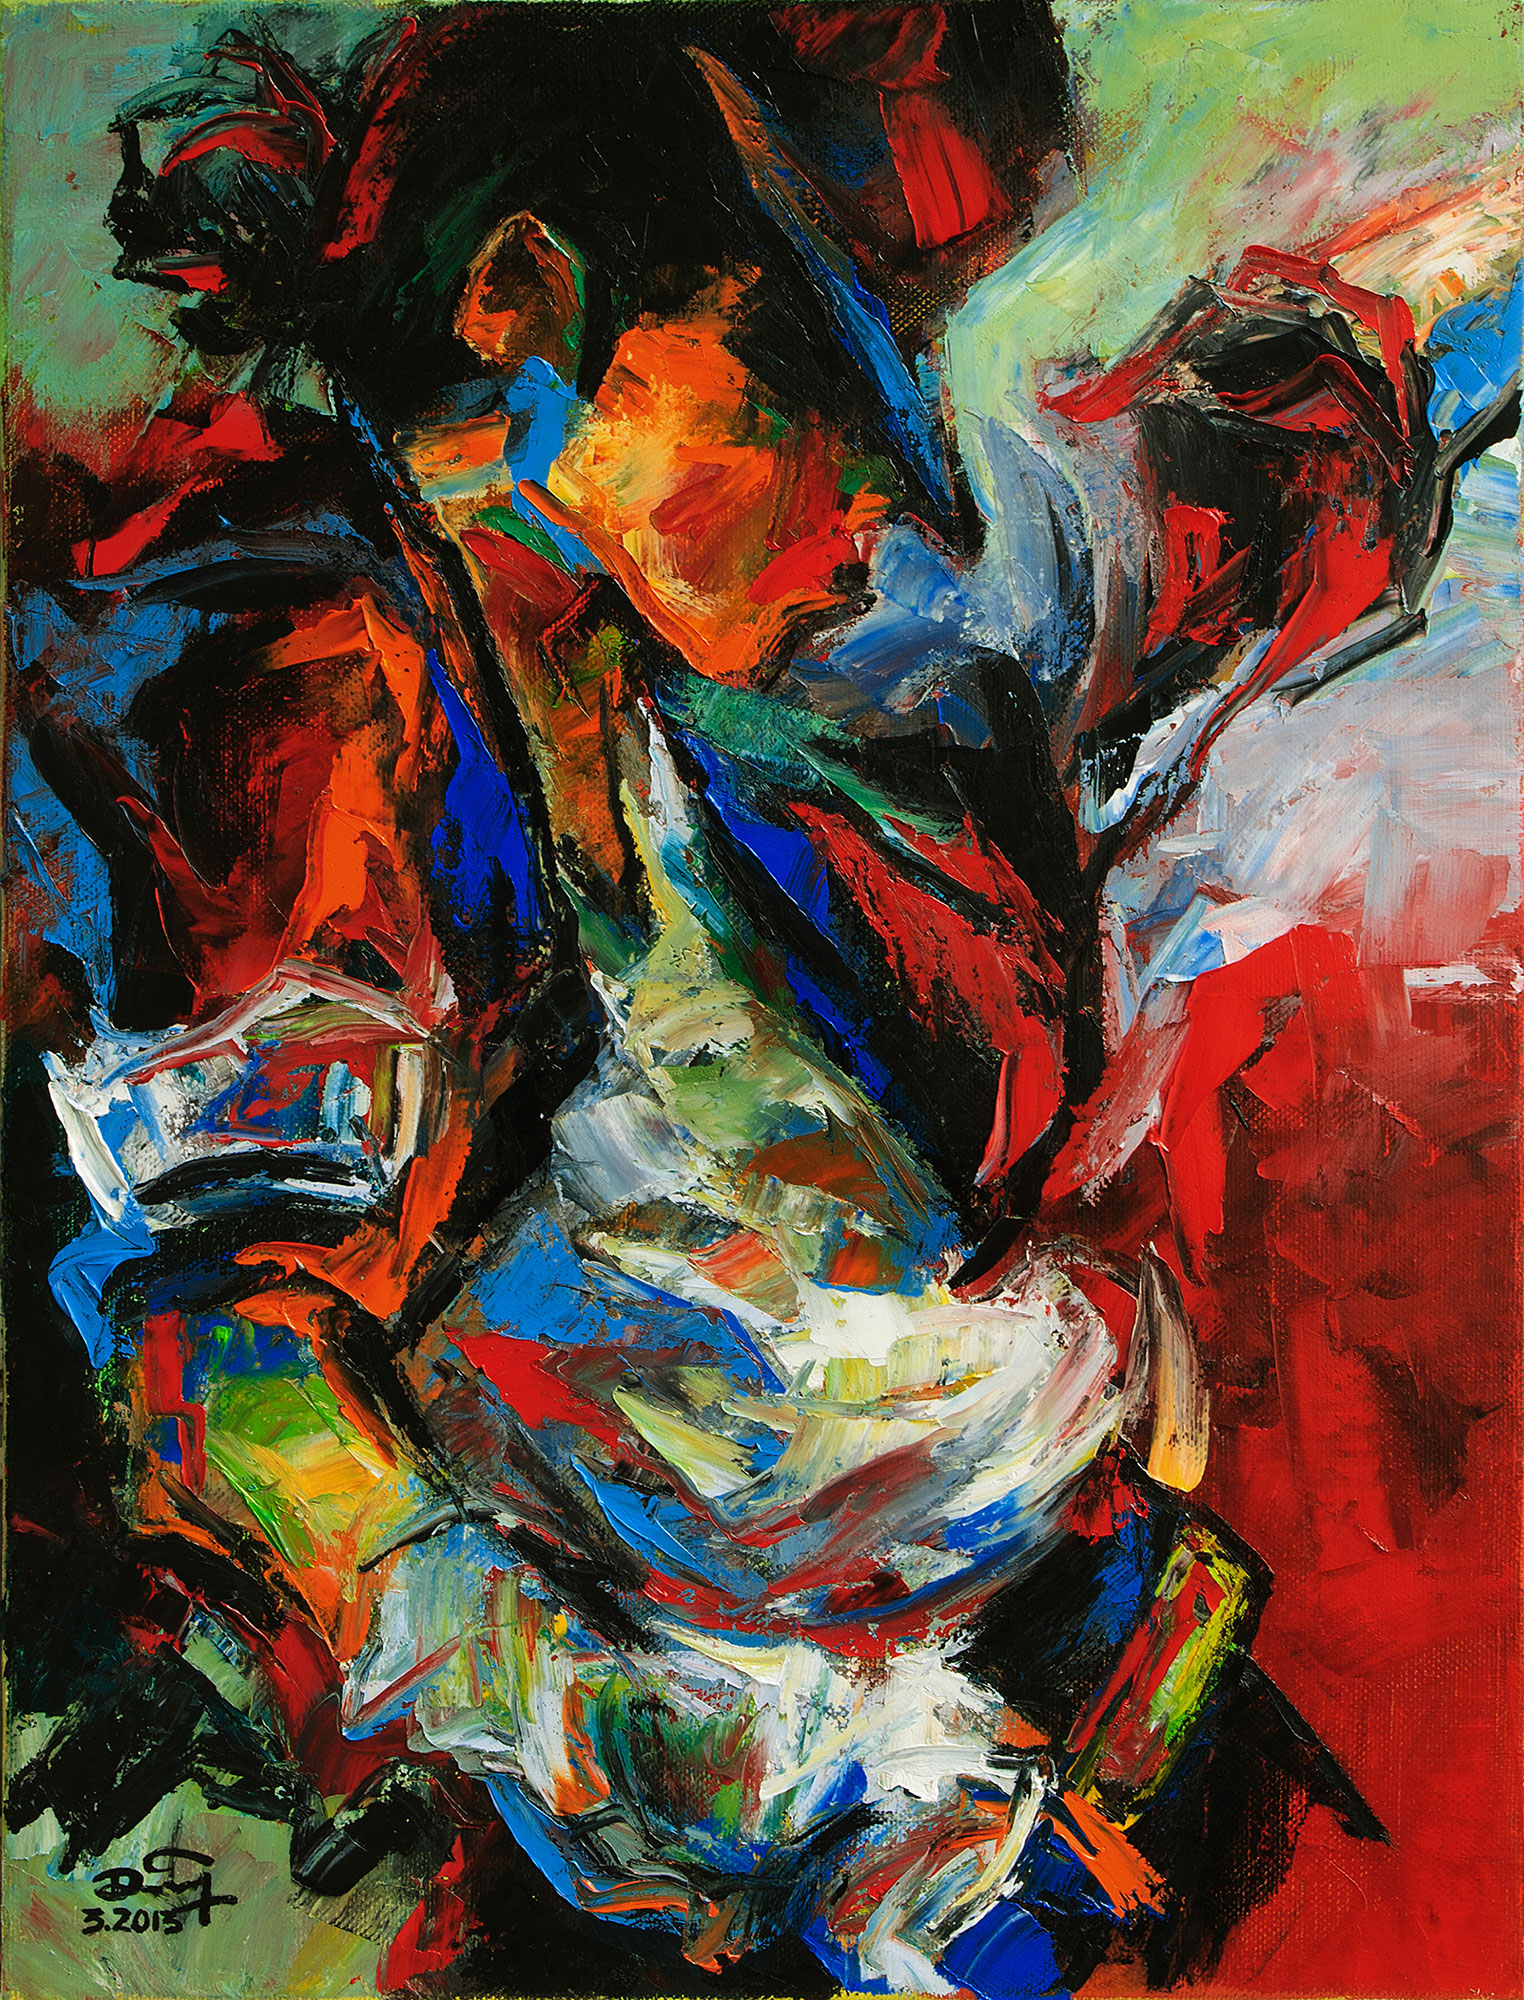 Michael Modo Artistico - Pagina 4 Mj03